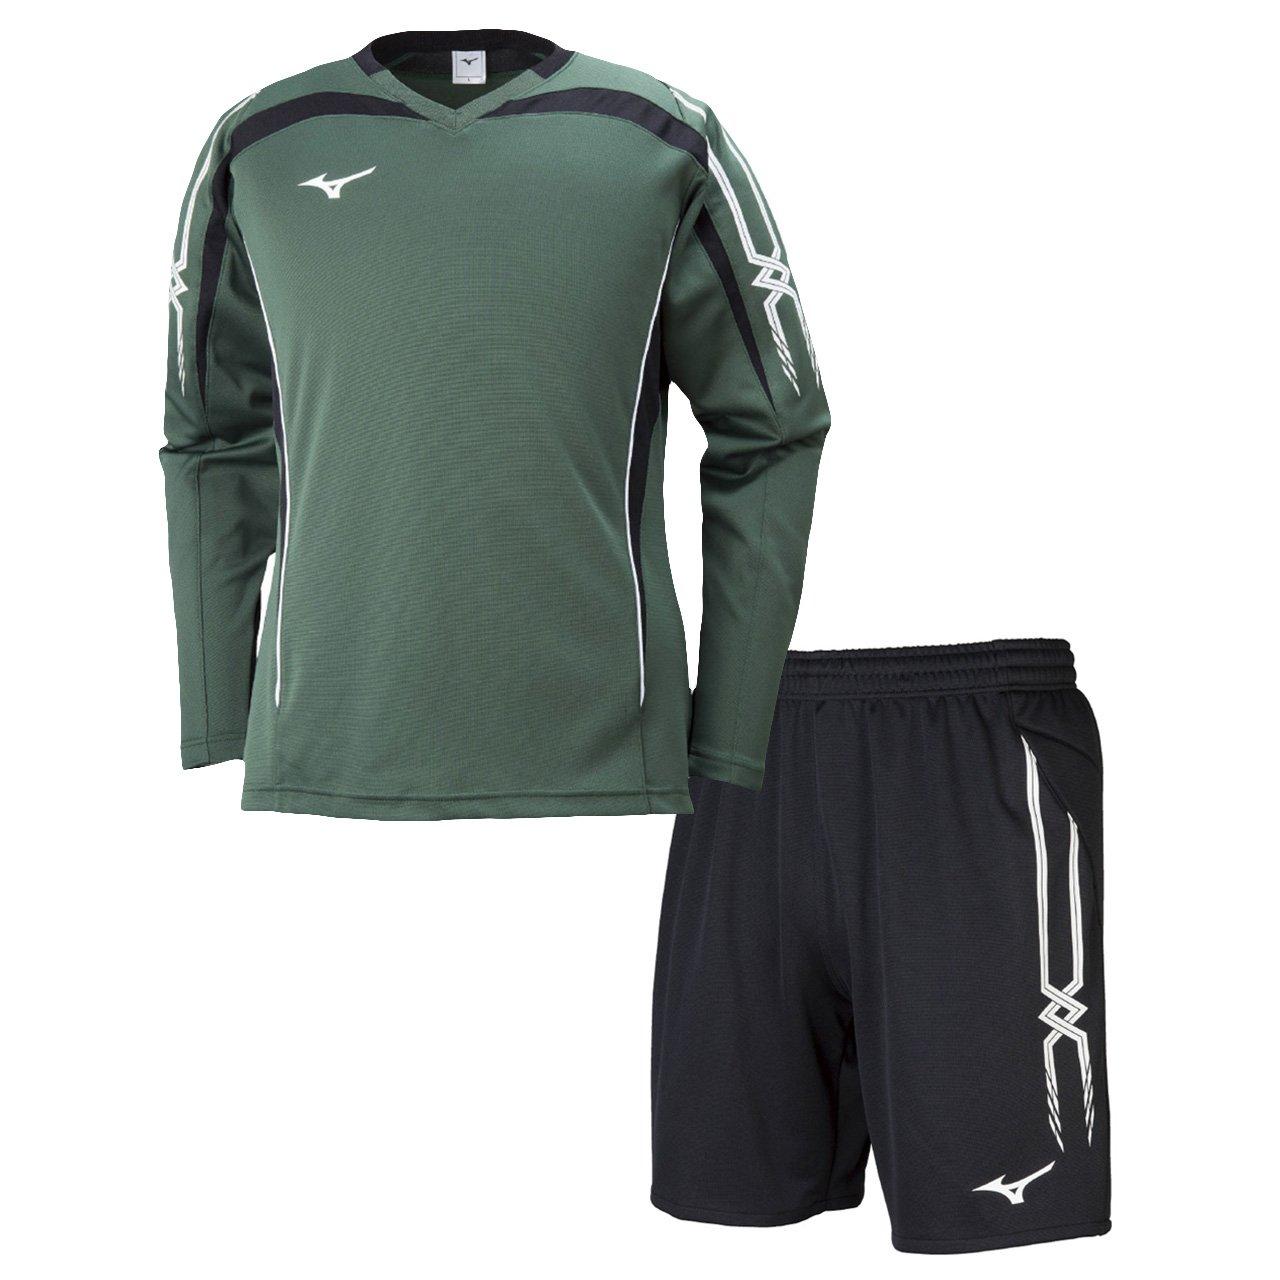 ミズノ(MIZUNO) キーパーシャツ&キーパーパンツ 上下セット(グリーン/ブラック) P2MA8070-33-P2MB8070-09 B079Z13KFL S グリーン/ブラック グリーン/ブラック S